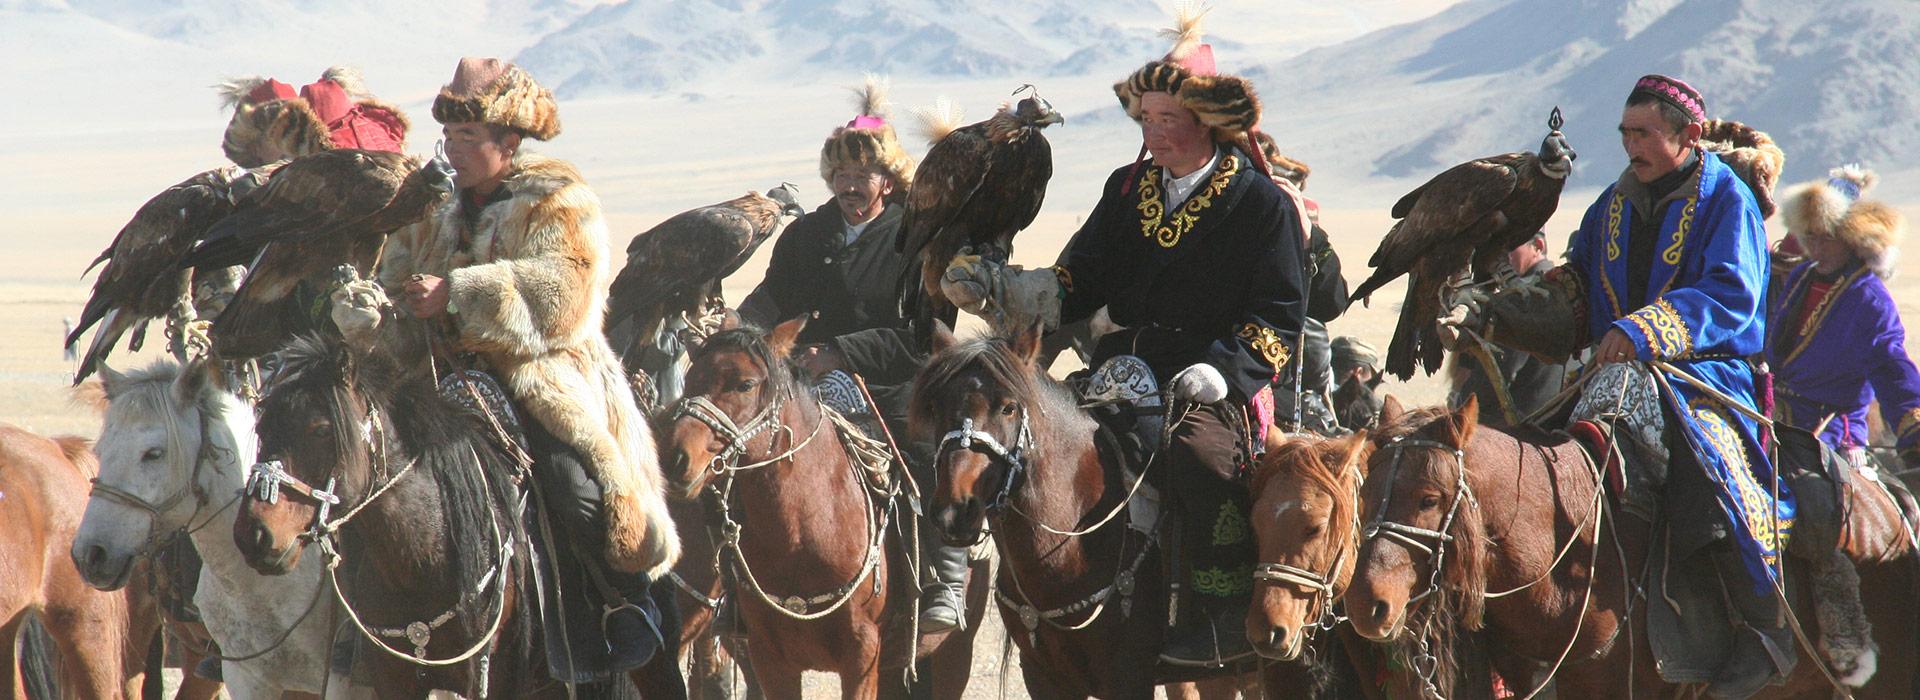 sagsai-eagle-festival